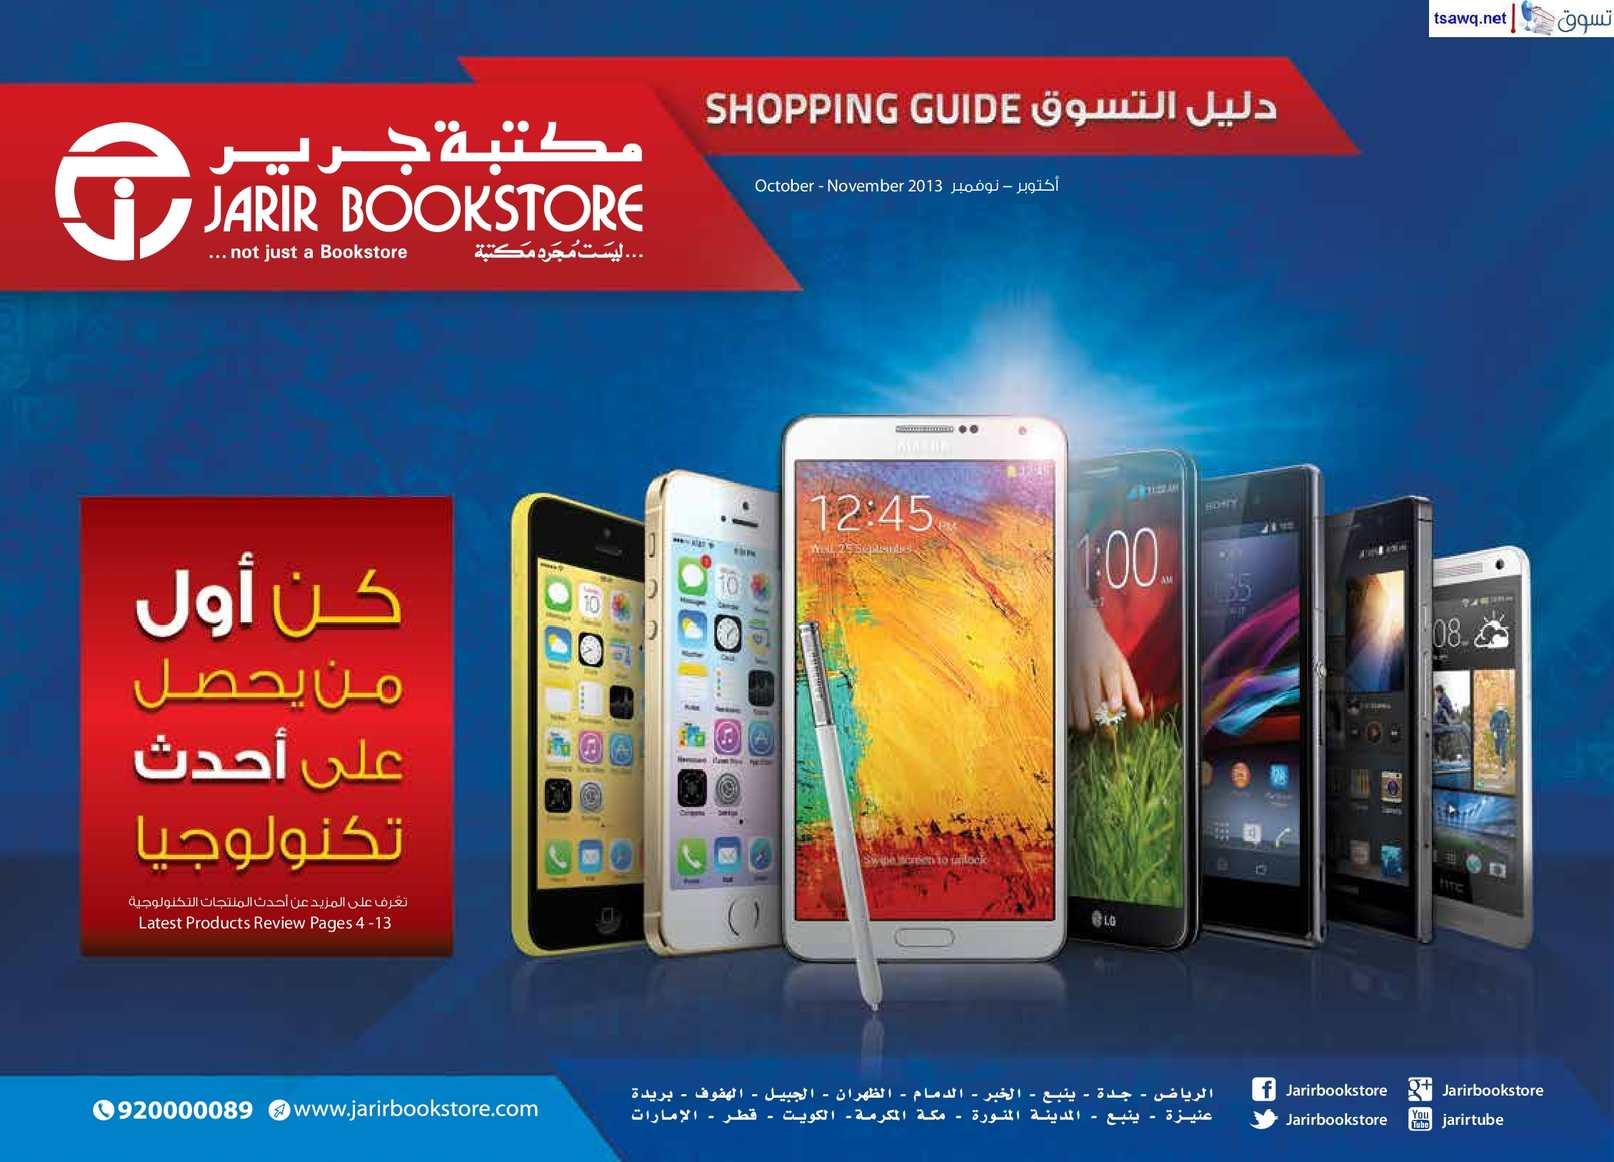 0550991152b06 Calaméo - دليل التسوق من جرير السعودية الإصدار أكتوبر - نوفمبر 2013 184 صفحة